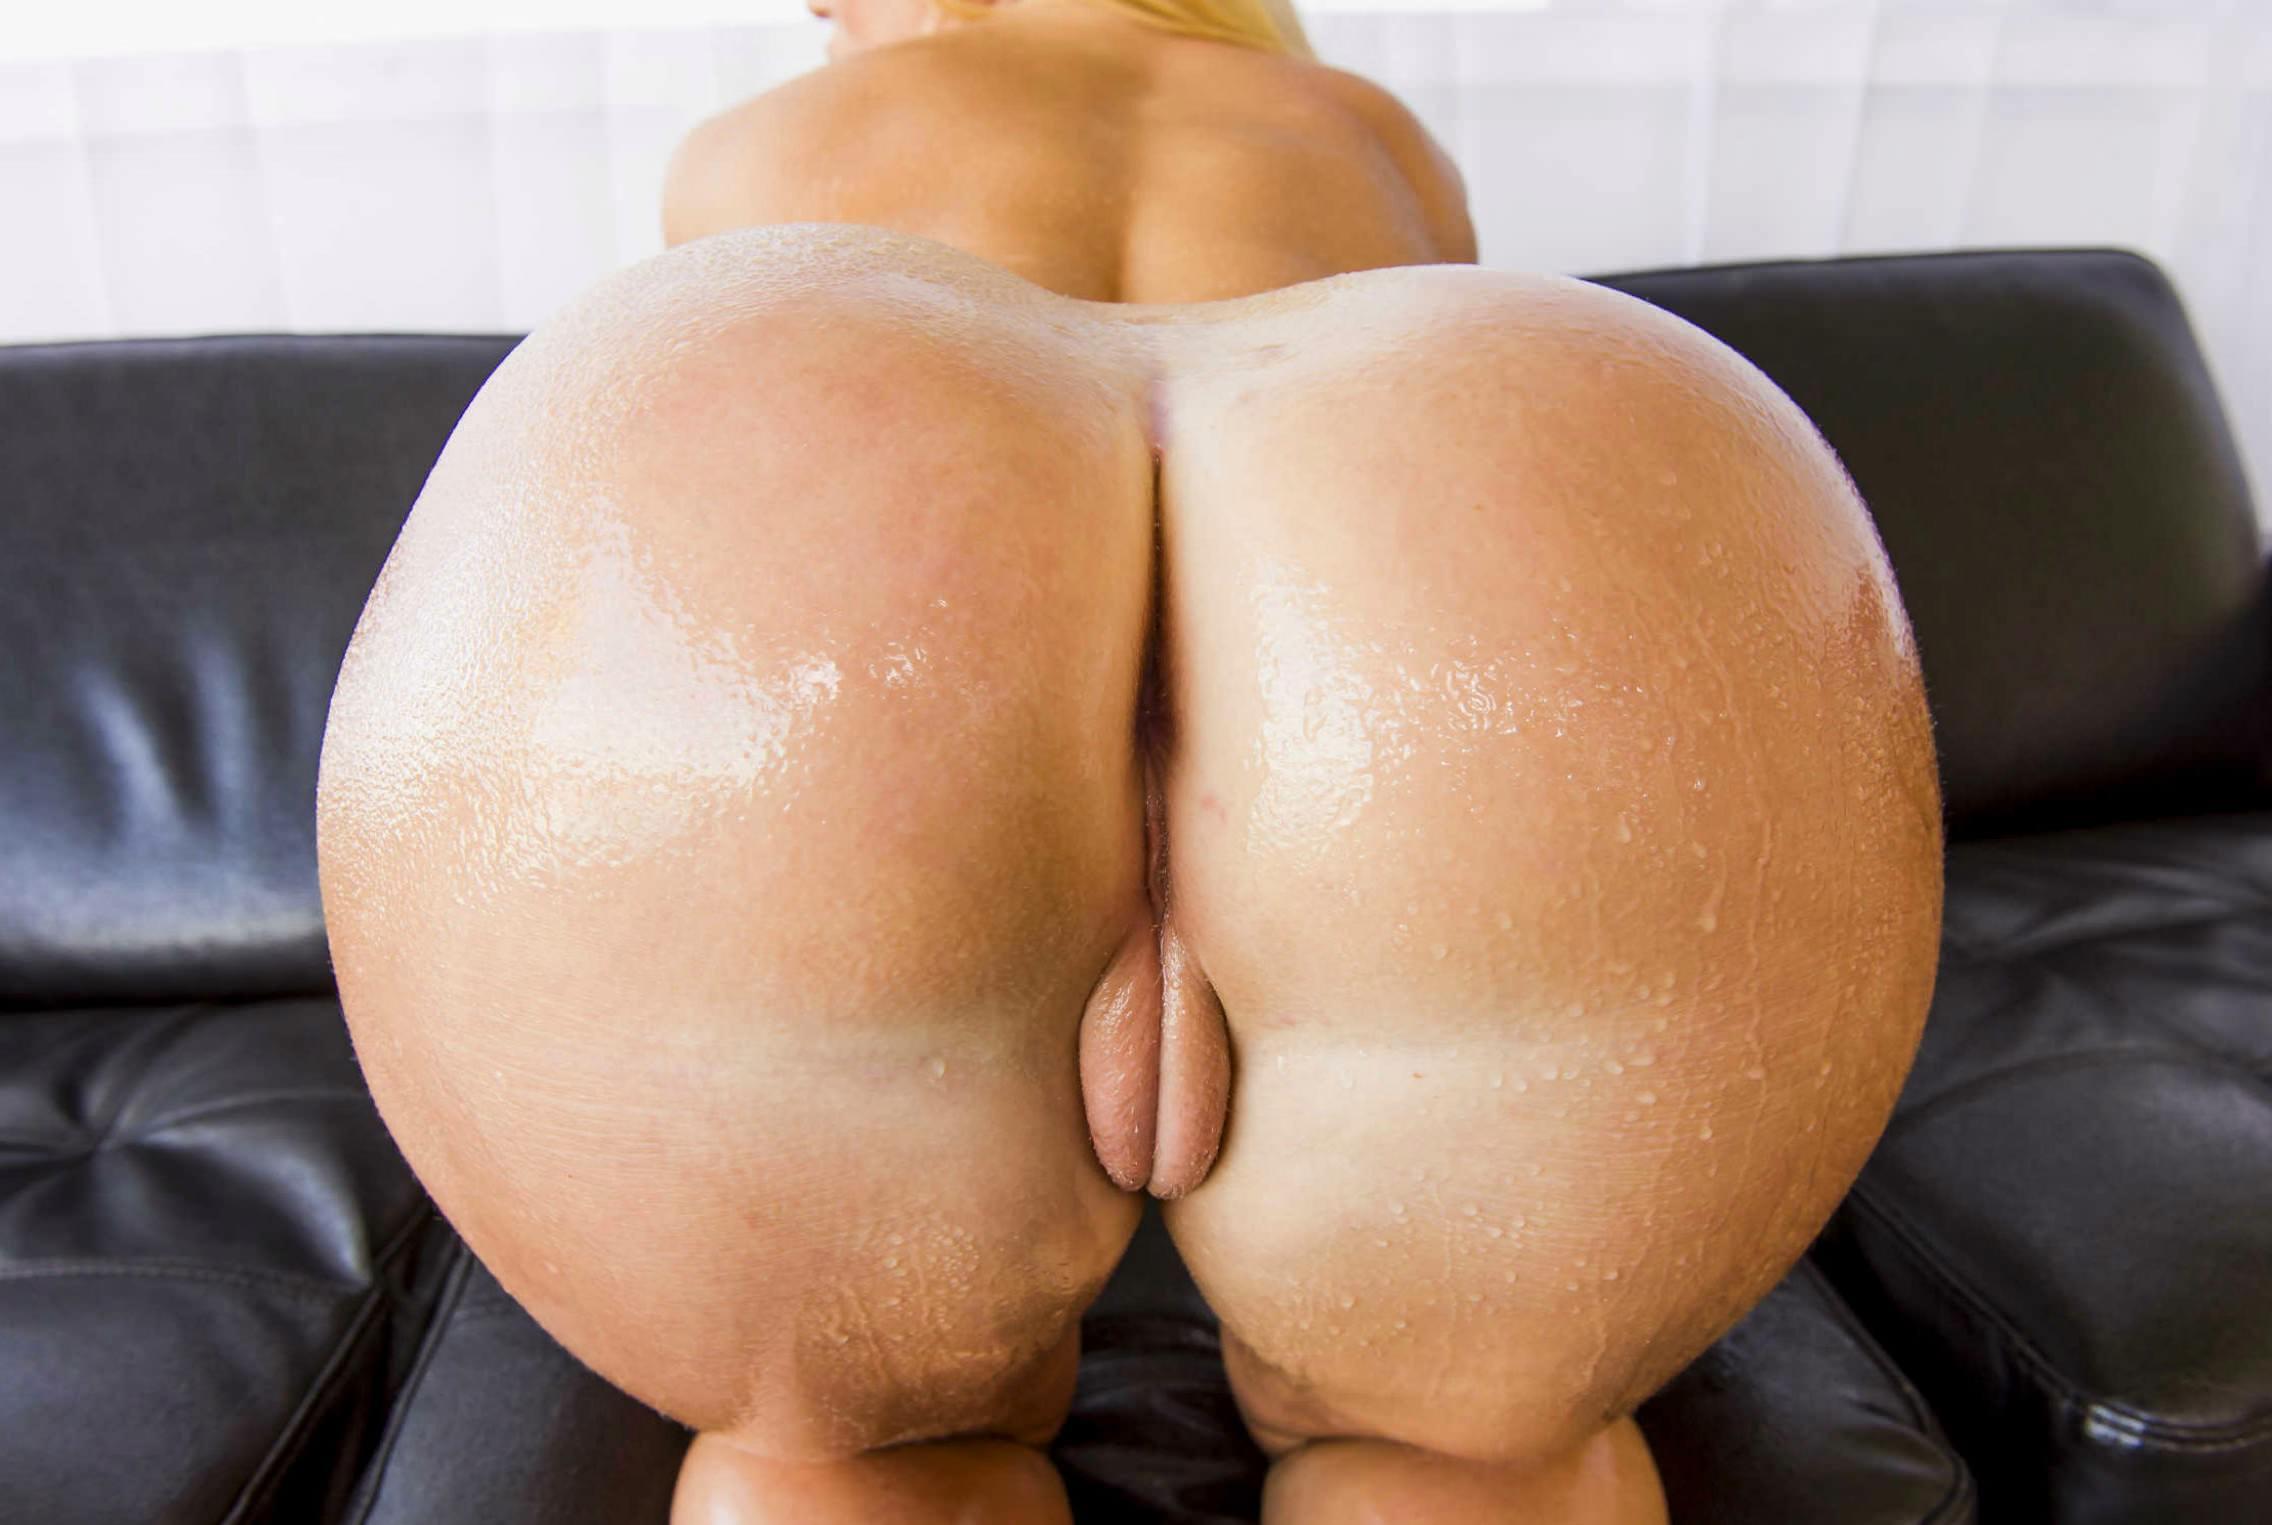 Попы в мокрых штанах порно фото 4 фотография